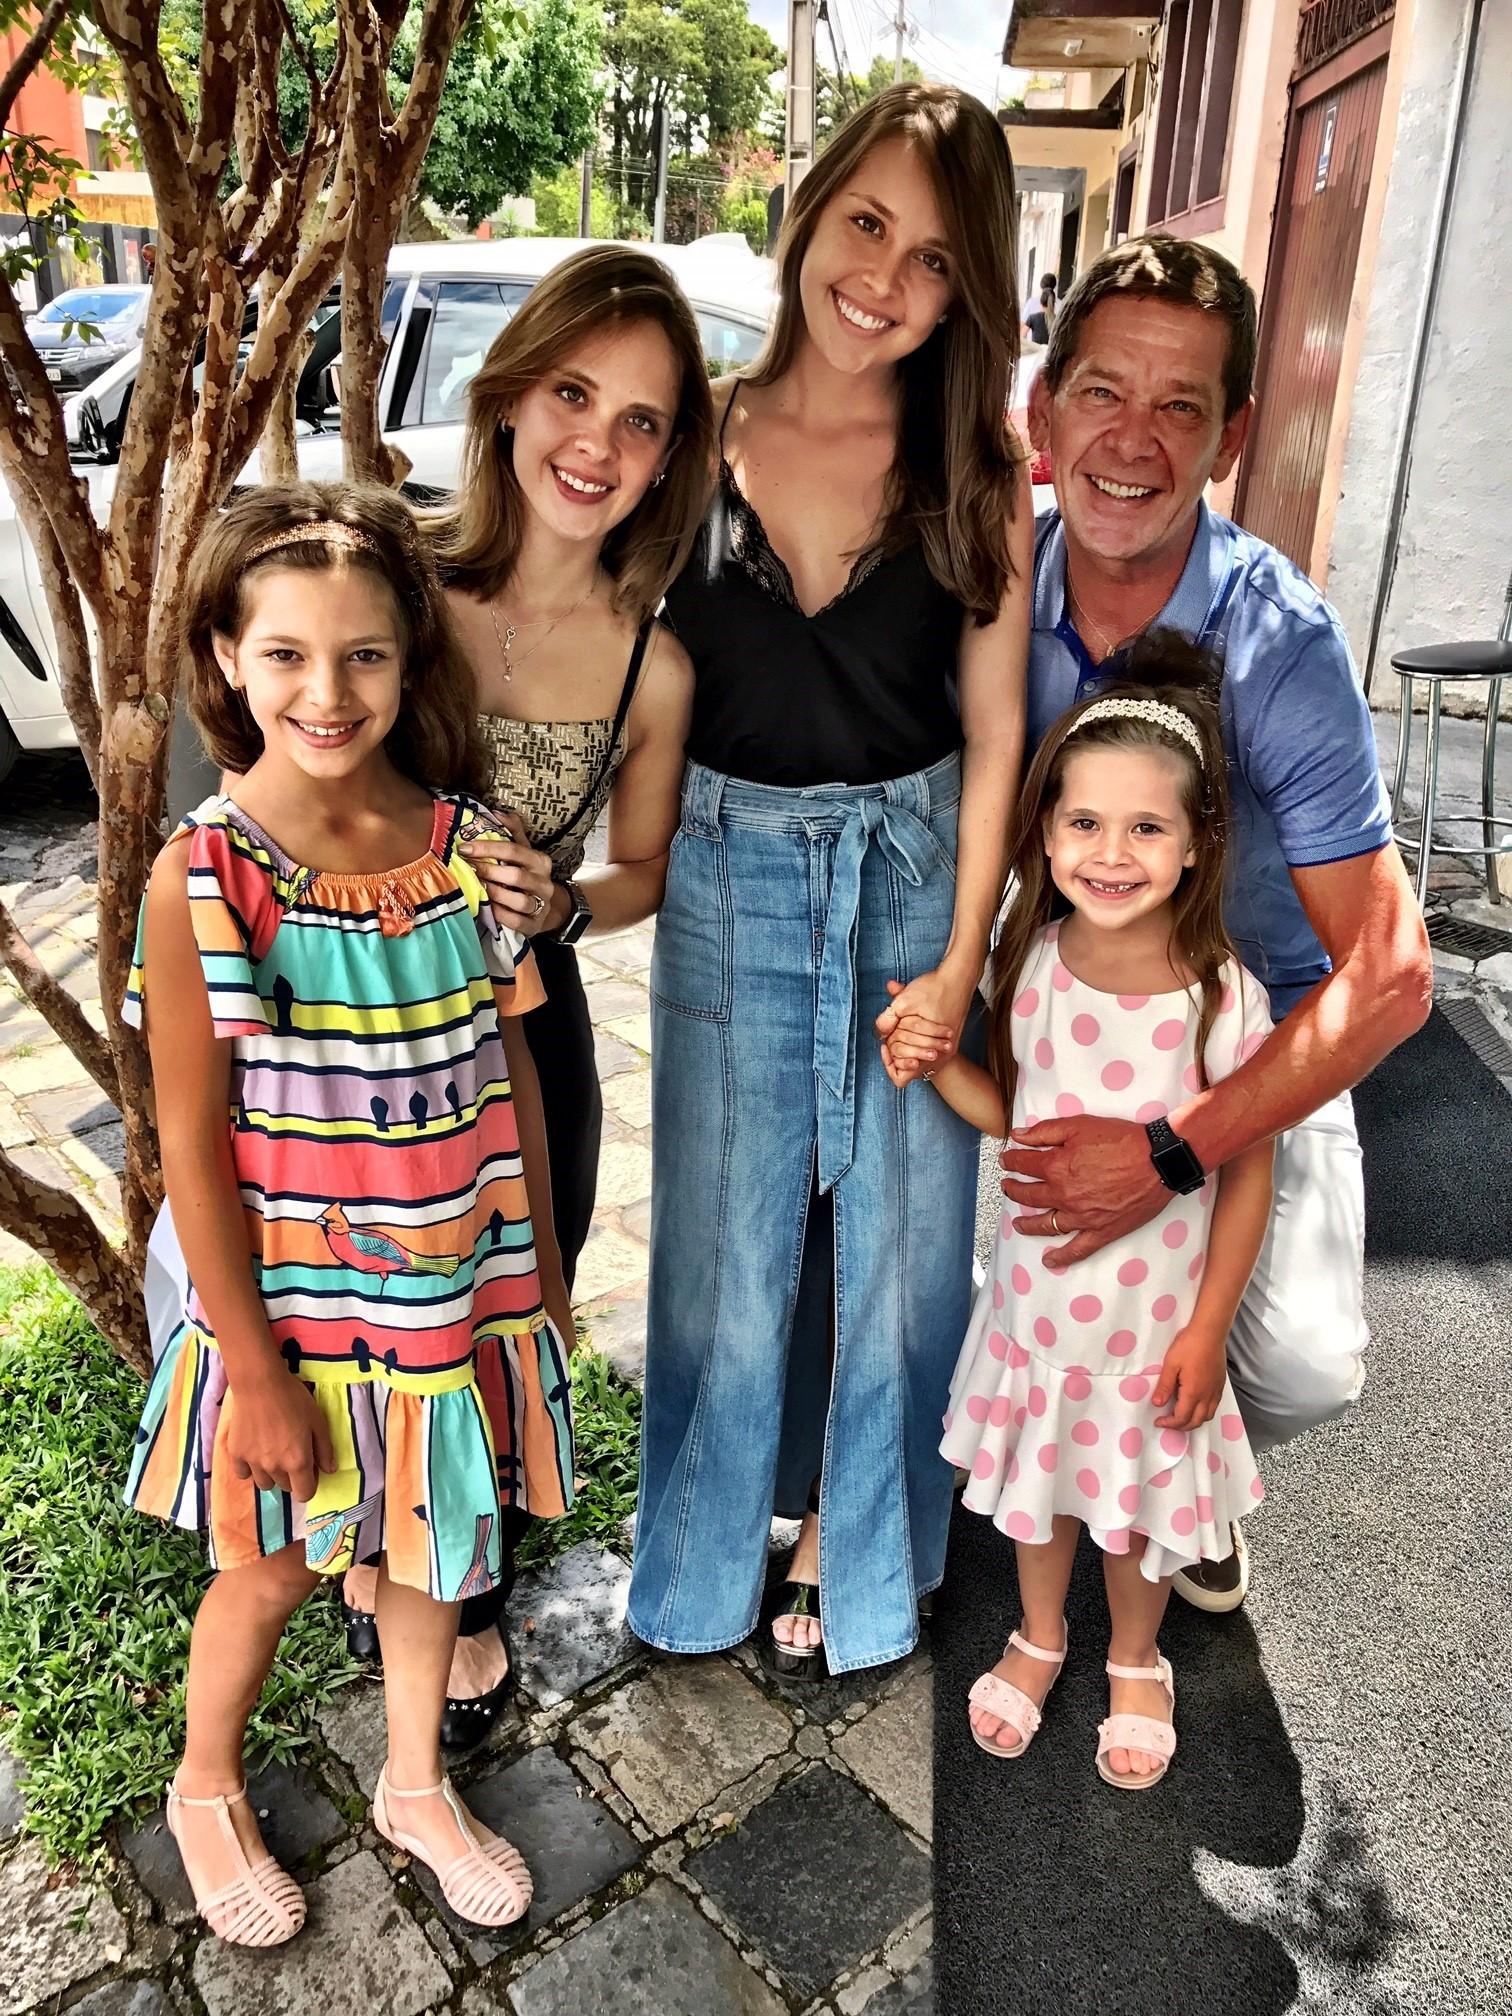 Junior Durski com as quatro filhas (Foto: Divulgação)